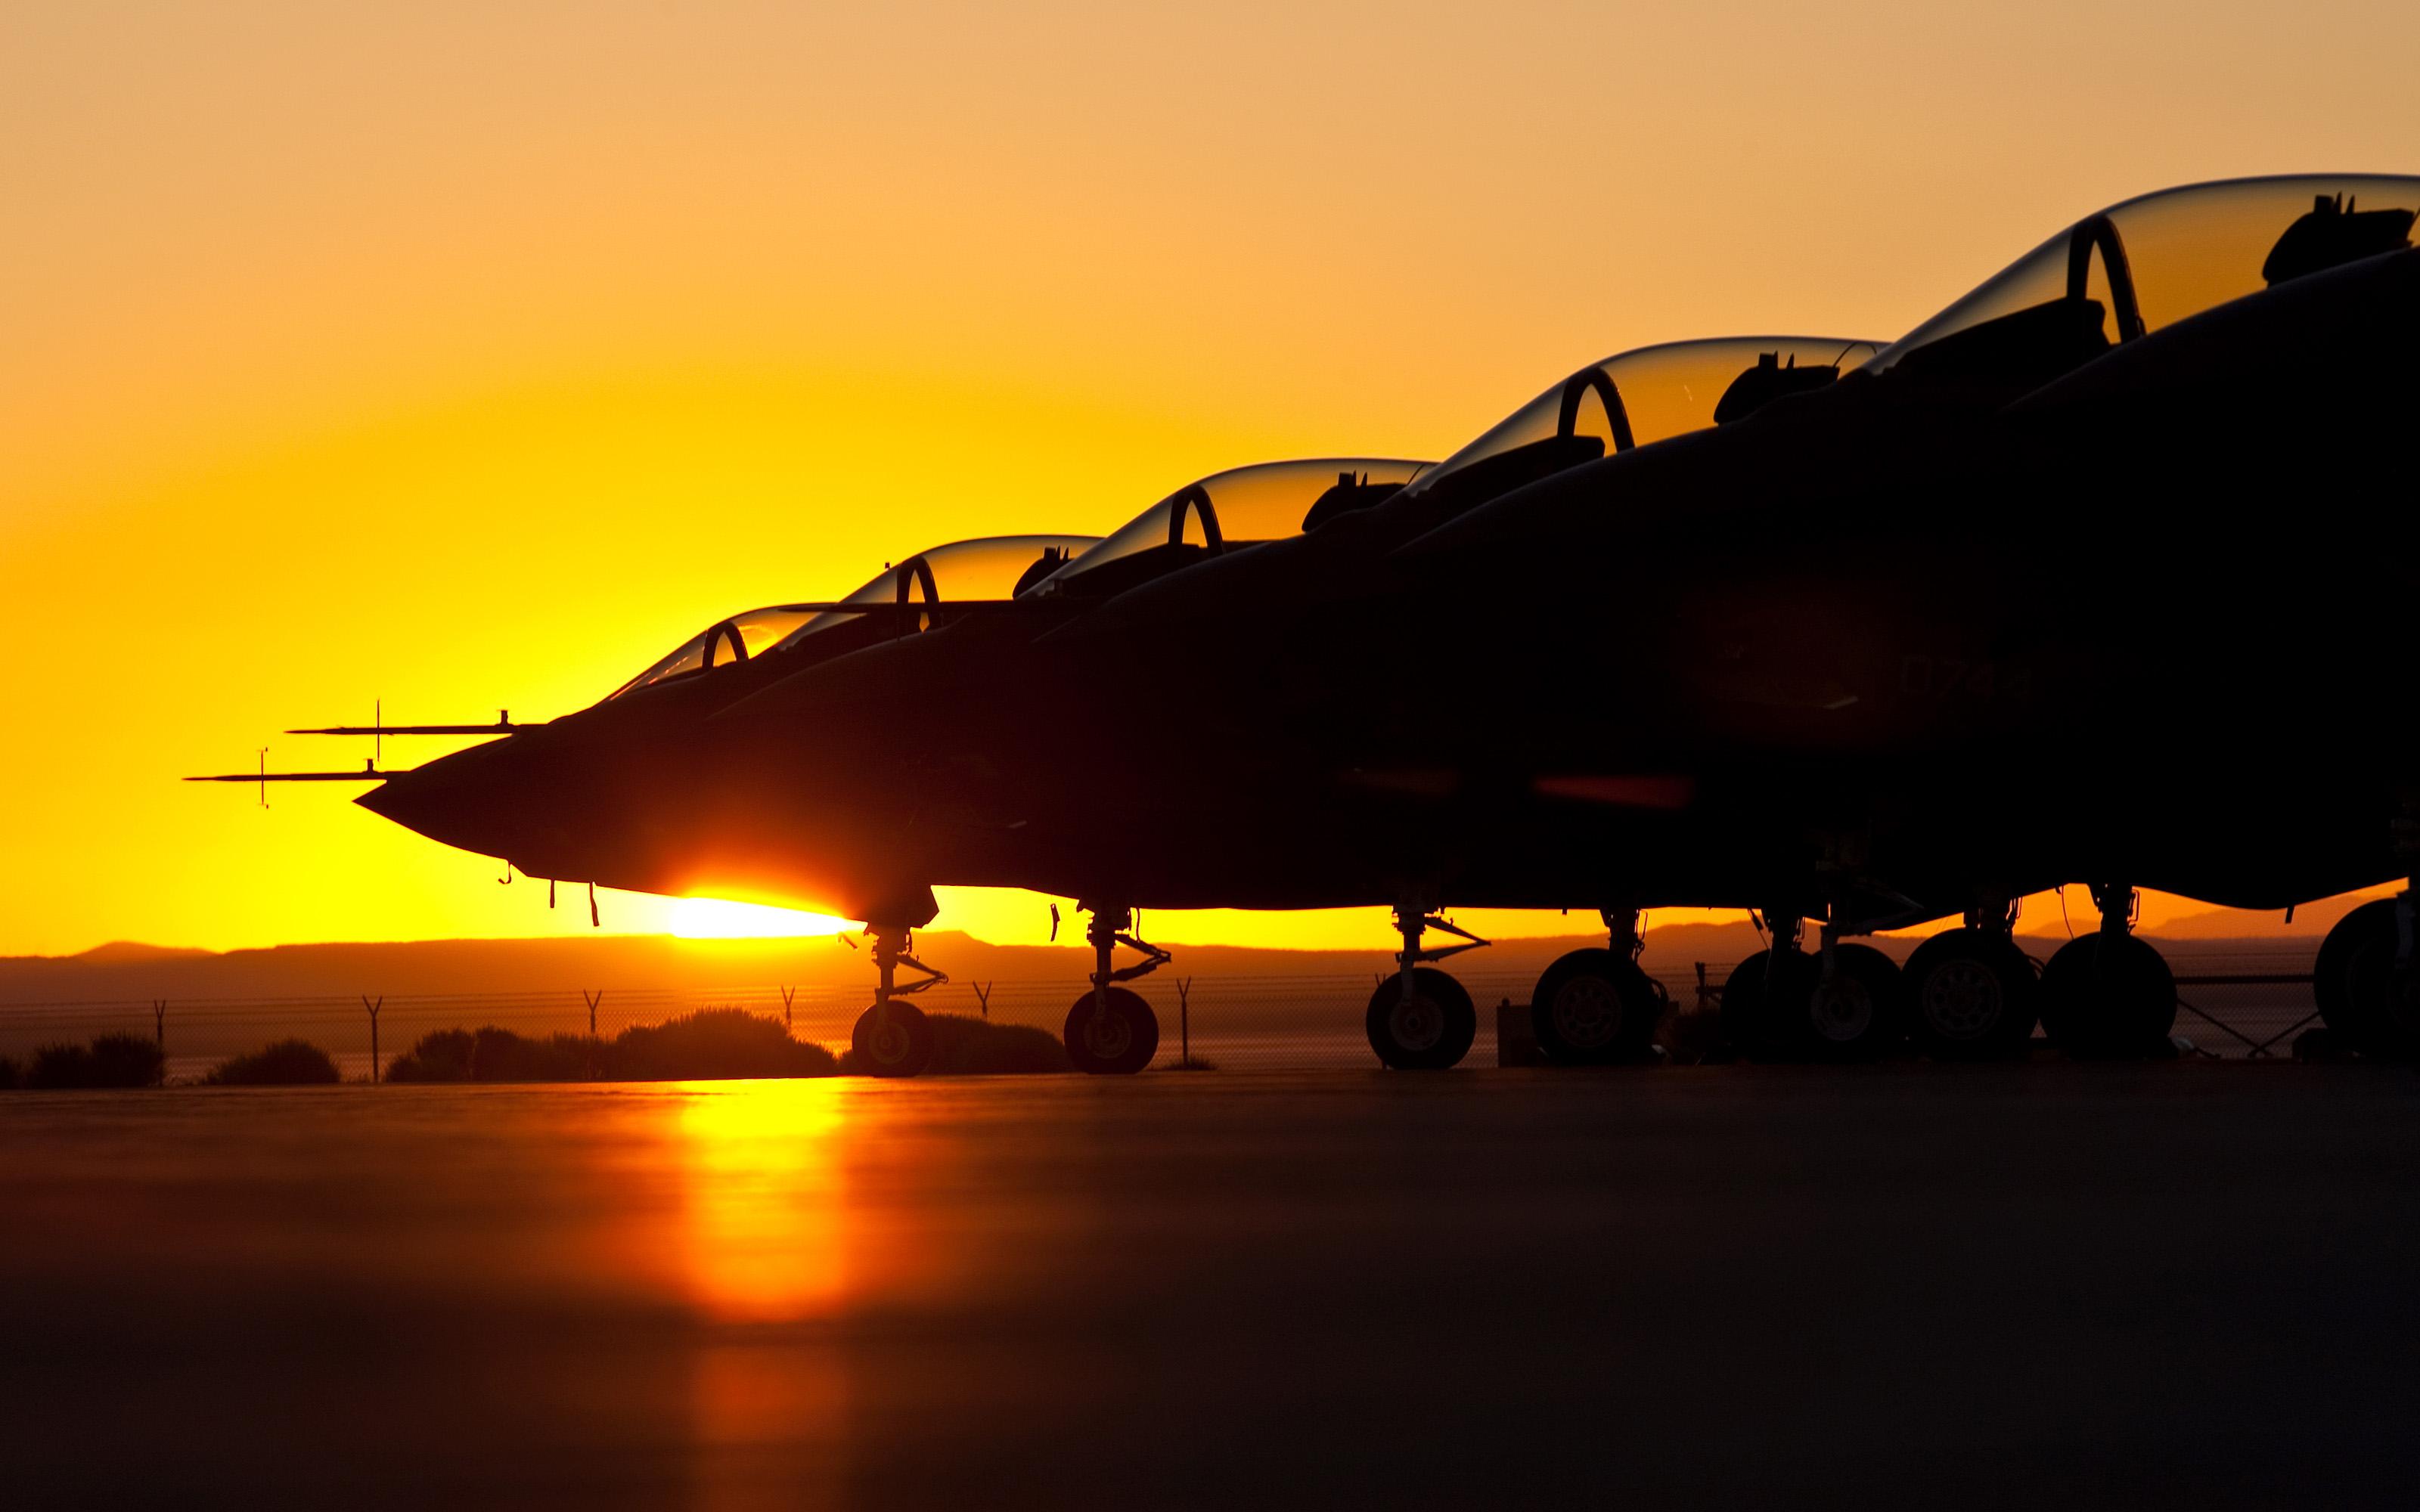 Rotina ou ameaça: Japão receberá 42 caças F-35B dos EUA